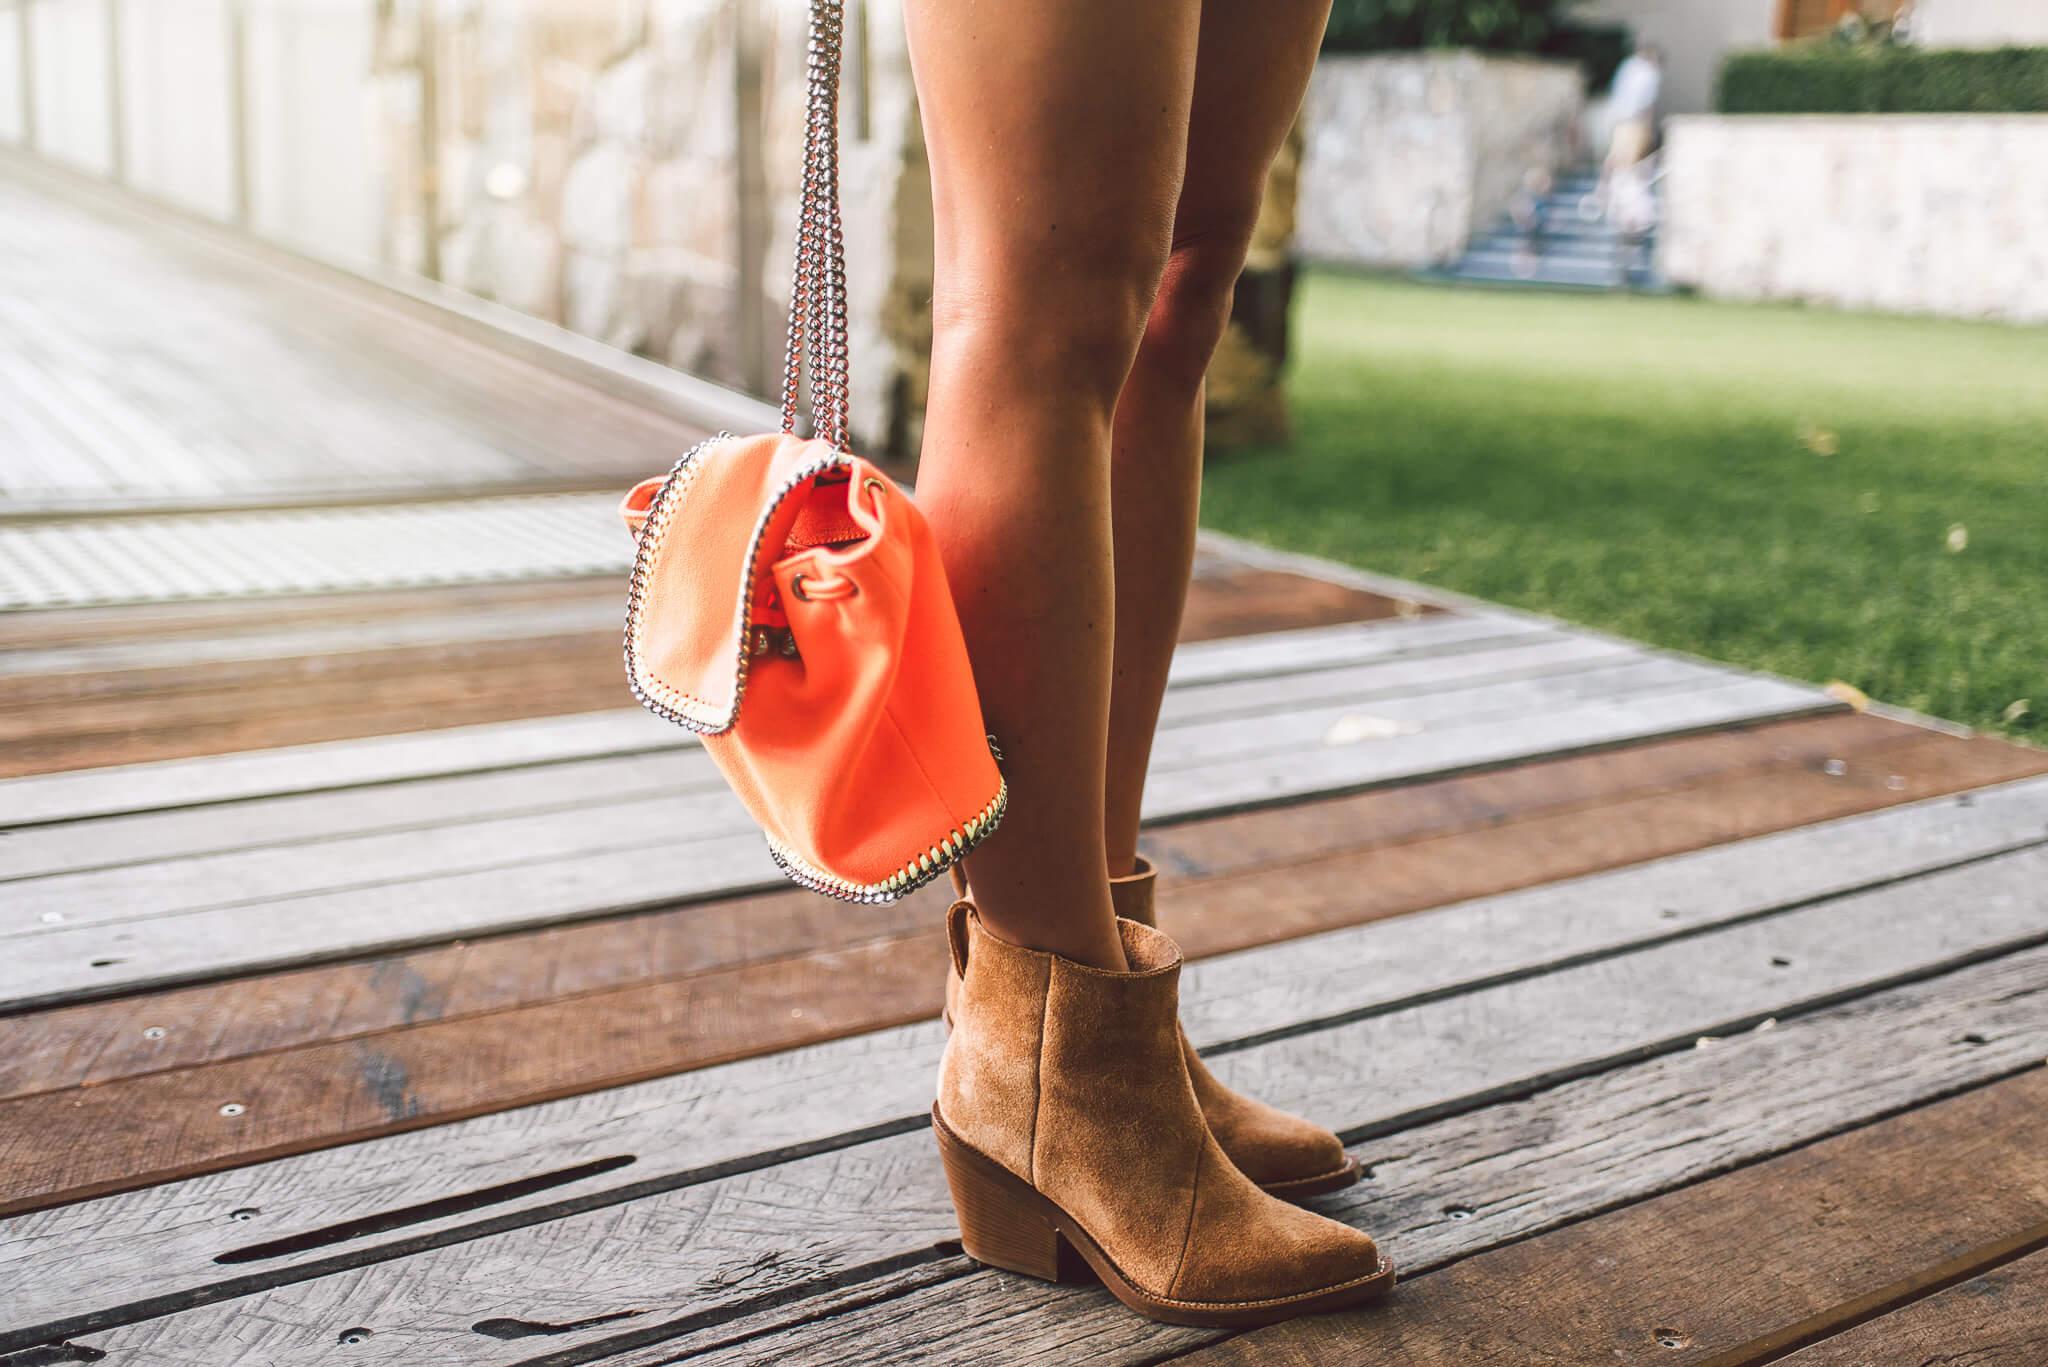 janni-deler-backpack-bootsDSC_3522-Redigera